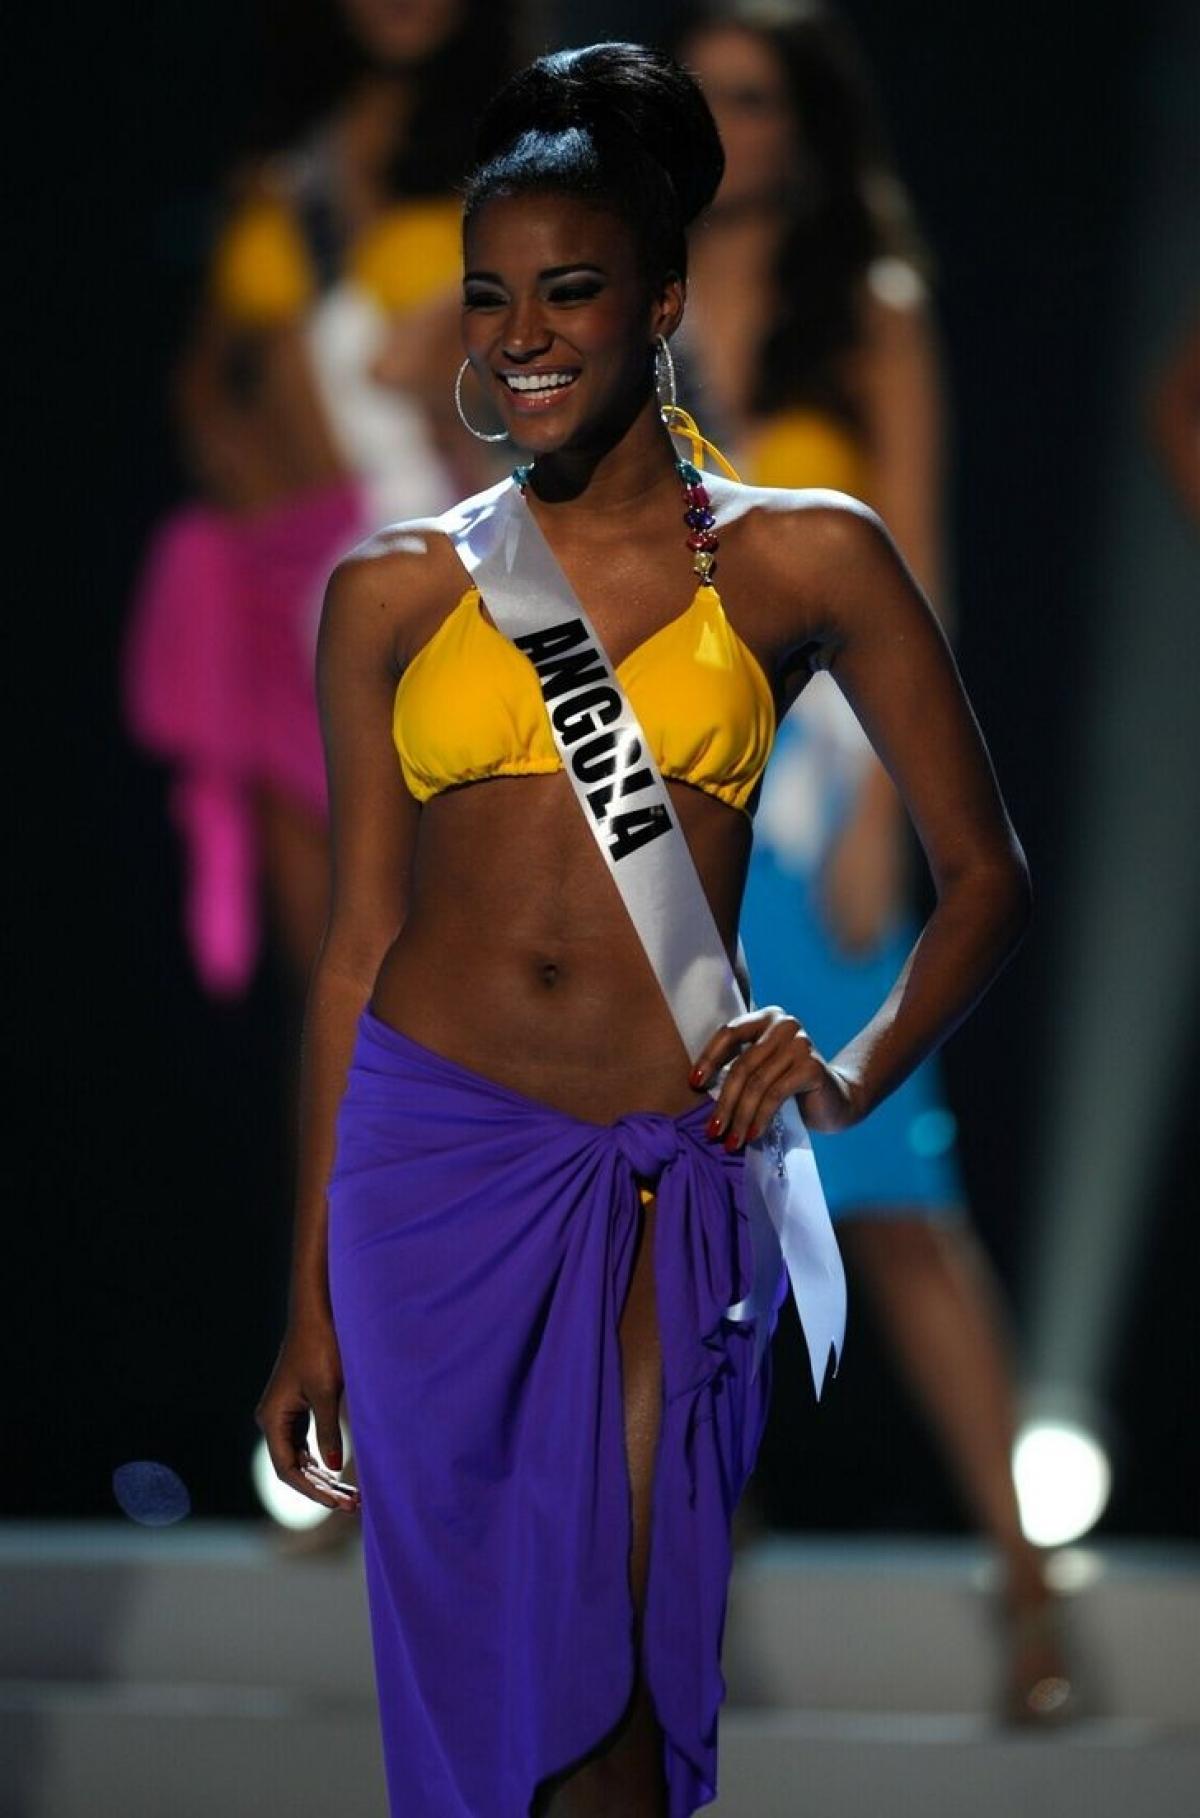 """Leila Lopes đến từ Angola đăng quang ngôi vịHoa hậu Hoàn vũnăm 2011.Năm đó, khi Leila đăng quang, cô được mệnh danh là """"búp bê Barbie da màu của thế giới"""" với tỉ lệ khuôn mặt và đường nét hoàn hảo, na ná nhân vật búp bê Barbie."""